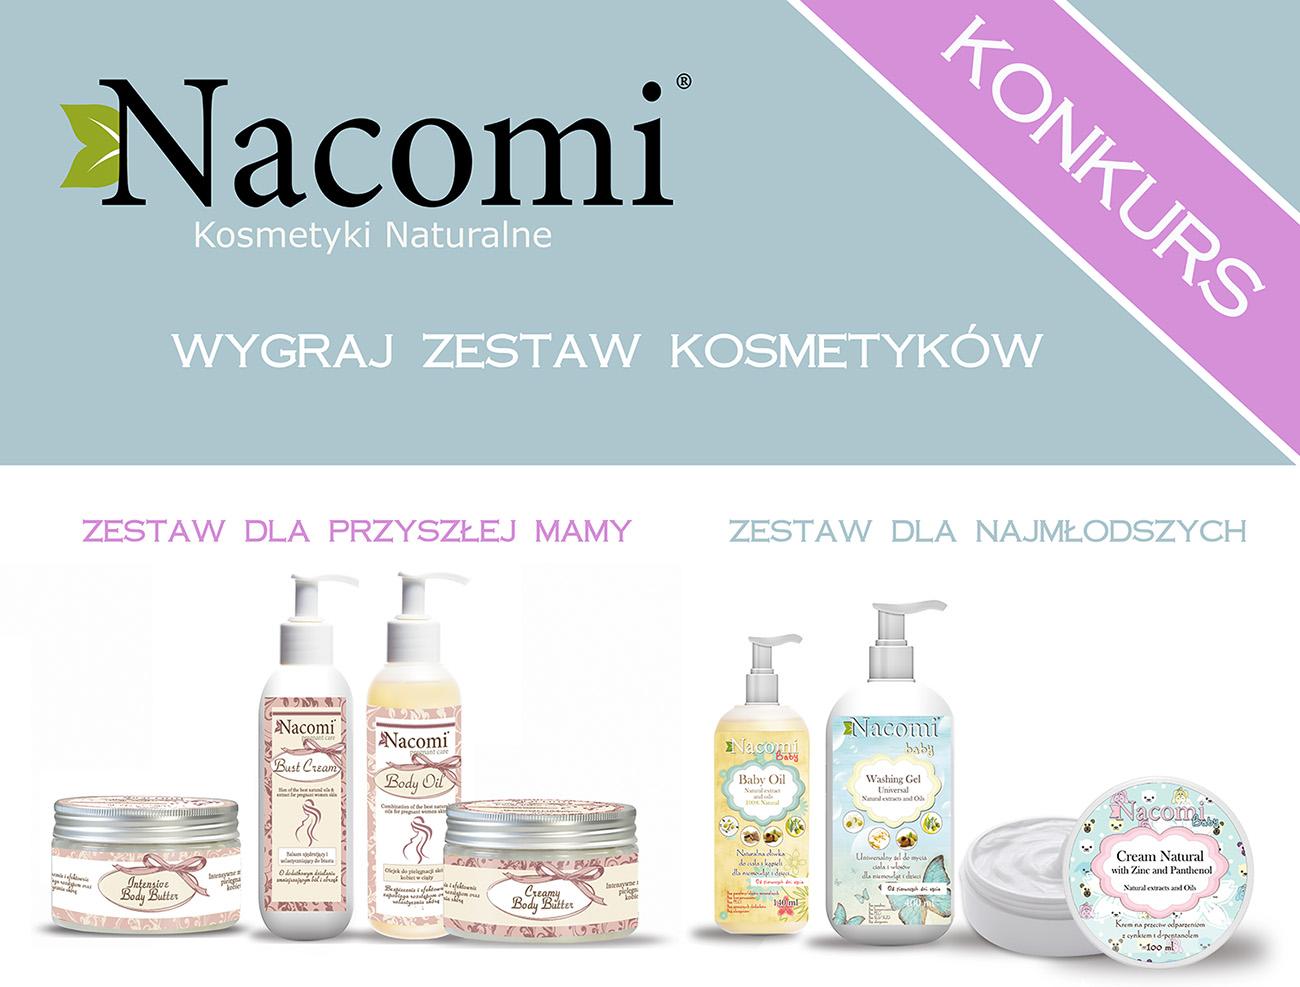 Sierpniowy konkurs blogowy razem z firmą NACOMI